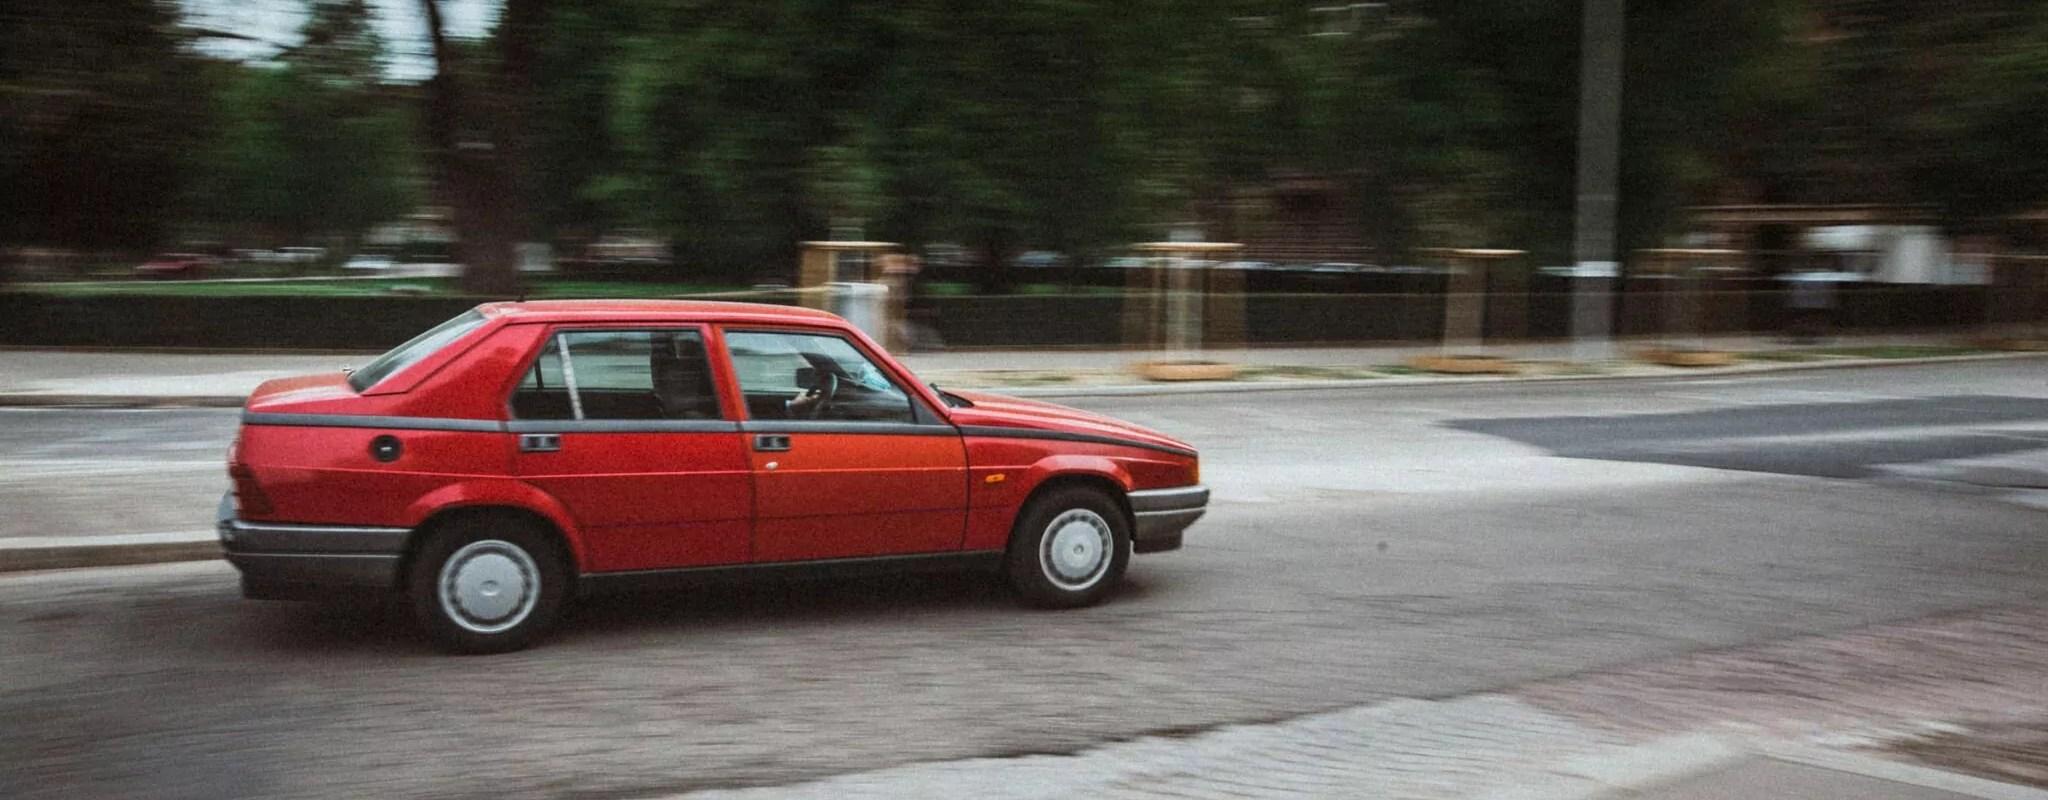 L'Eurométropole veut bannir les véhicules diesel et vieilles essences d'ici 2028